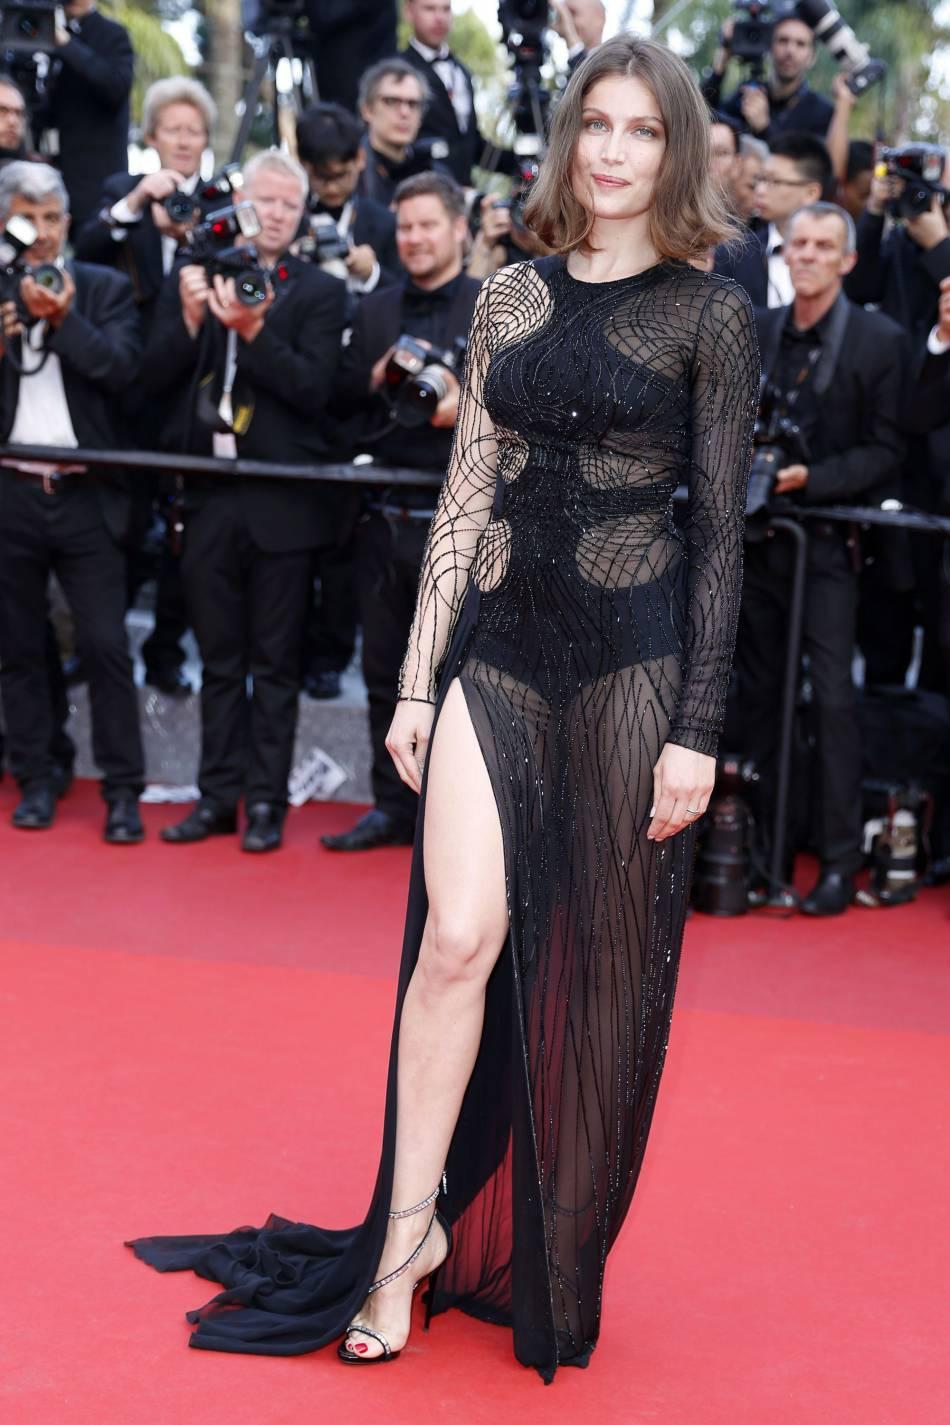 """Cannes 2016 : Laetitia Casta en Atelier Versace, sandales Giuseppe Zanotti et bijoux Chaumet lors de la montée des marches du film """"La fille inconnue"""", le 18 mai 2016."""